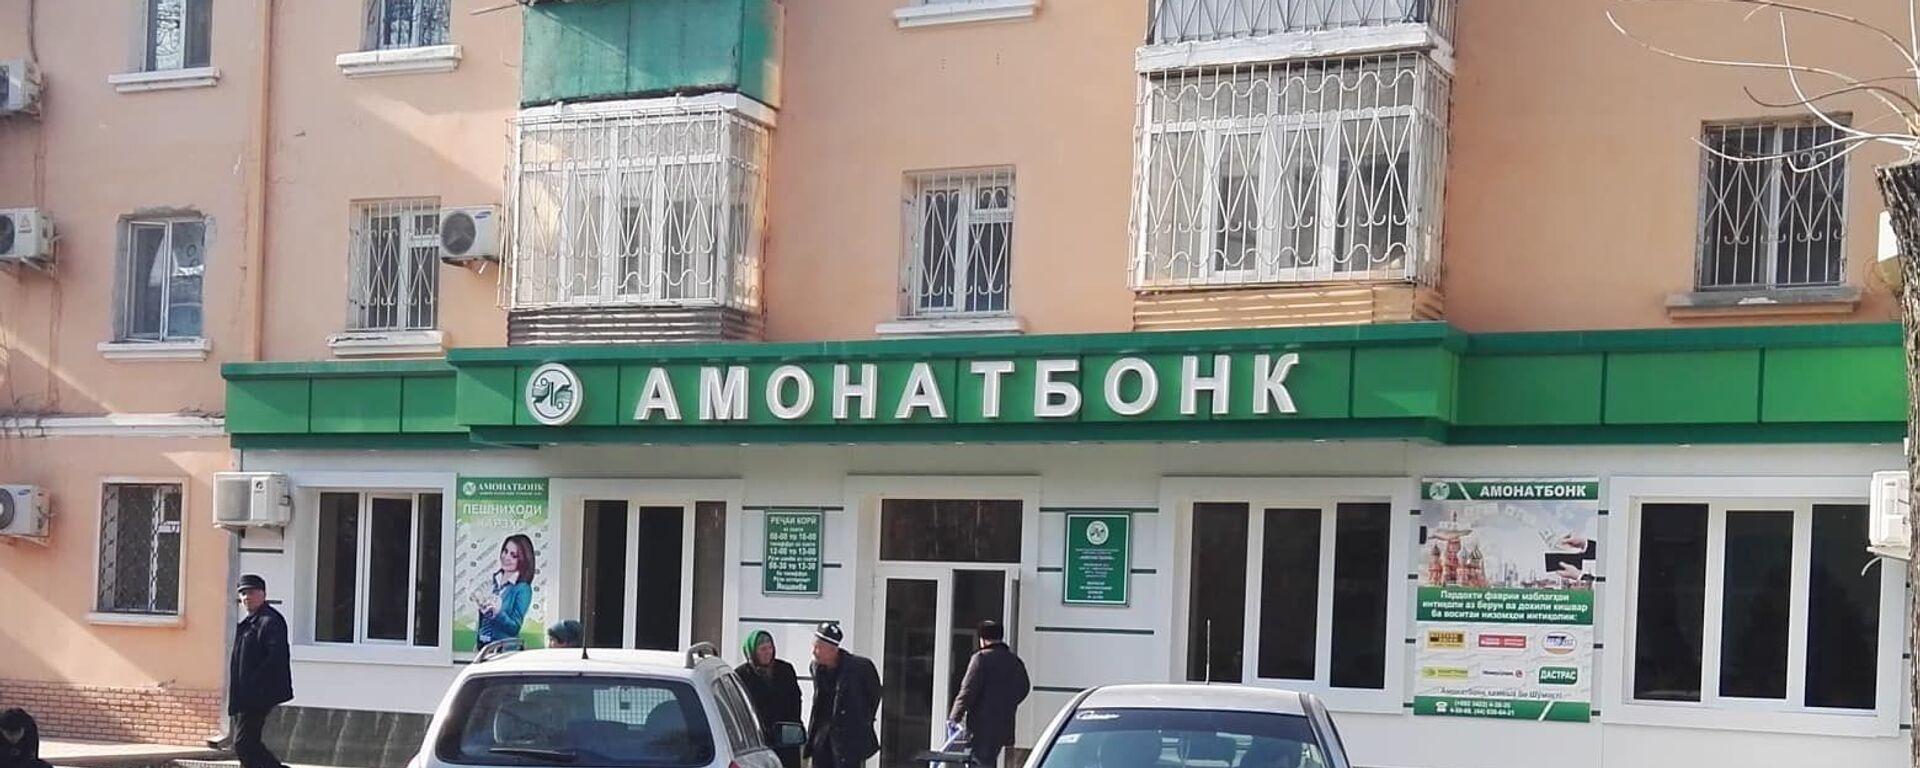 Отделение банка Амонатбонк - Sputnik Тоҷикистон, 1920, 05.10.2021